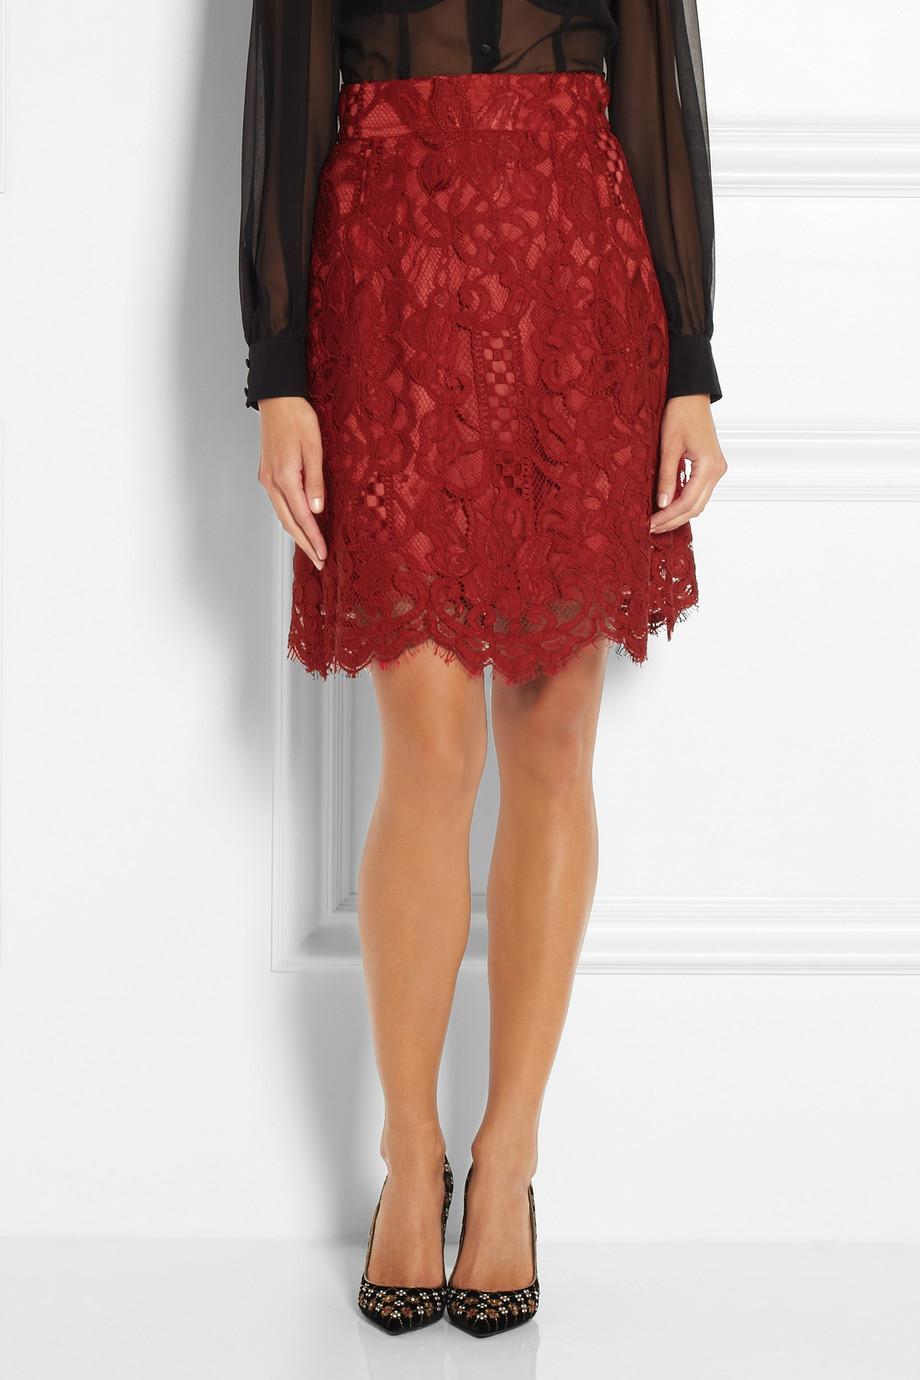 Dolce & Gabbana Floral-lace A-line skirt NET-A-PORTER.COM_files.jpg